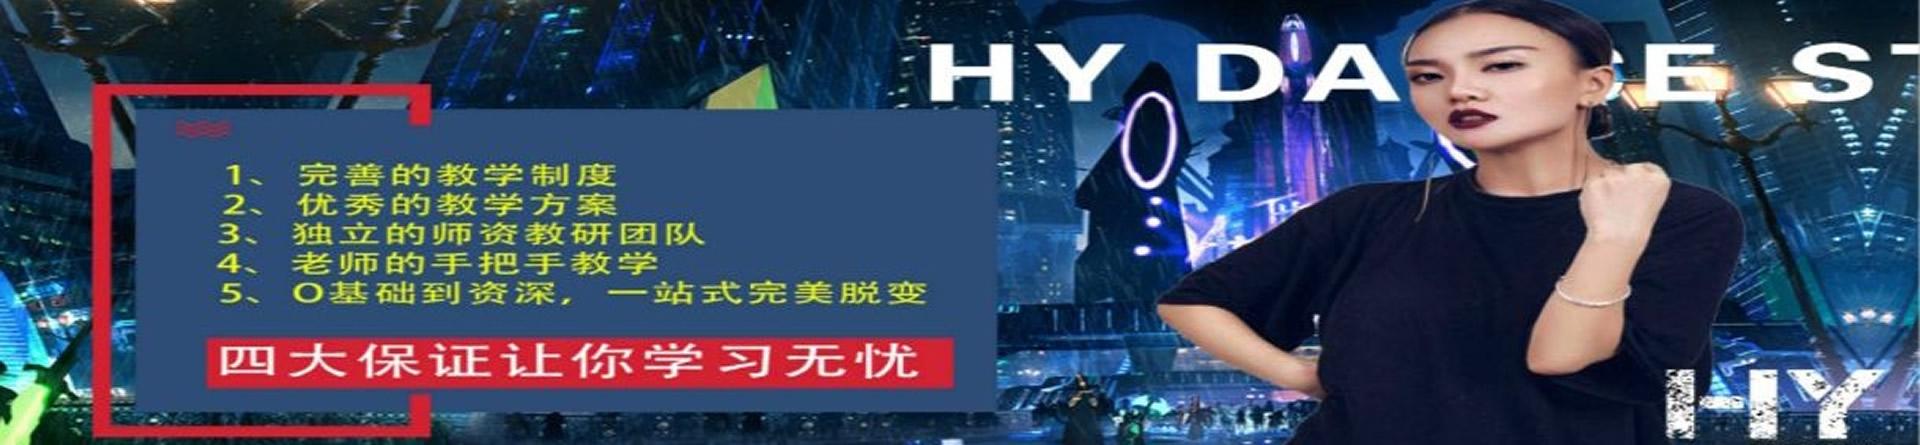 郑州HY舞蹈培训中心